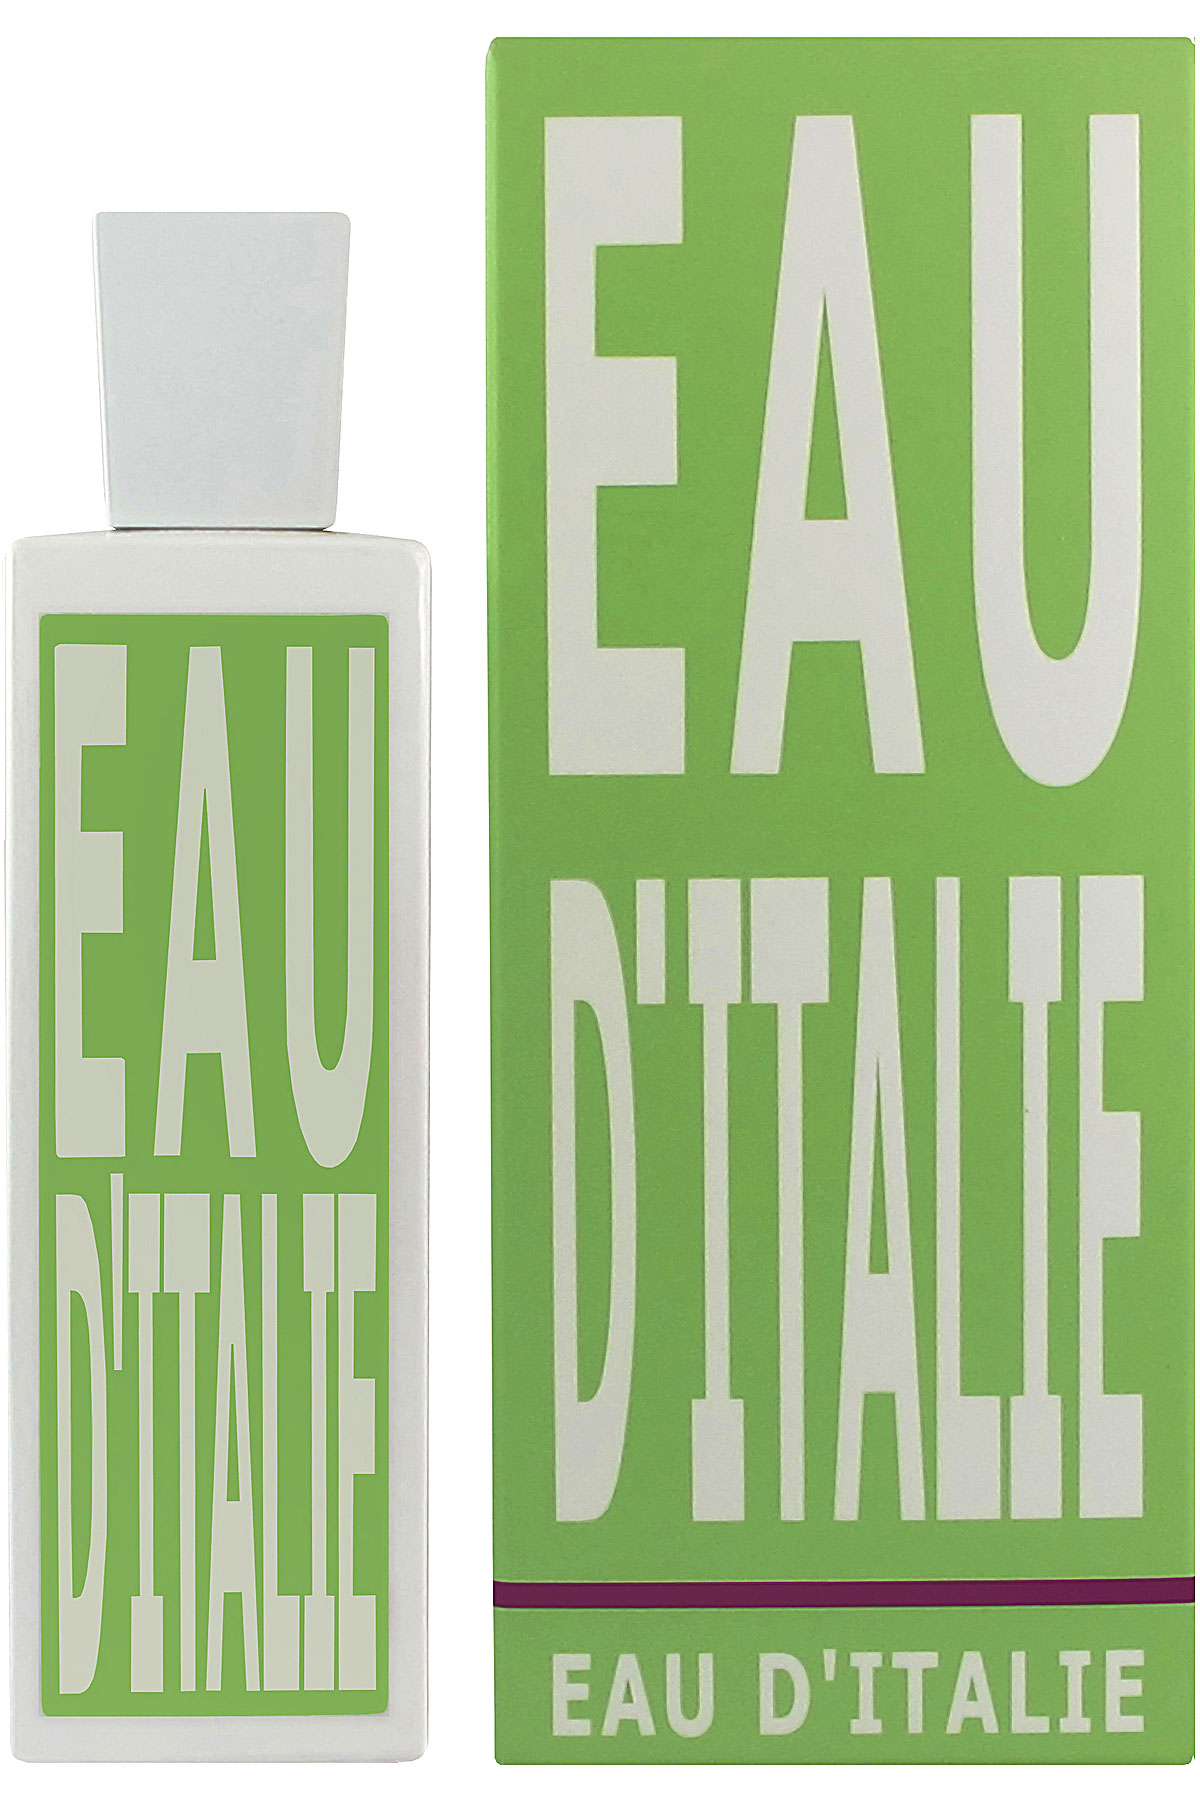 Eau D Italie Fragrances for Men, Eau D Italie - Eau De Toilette - 100 Ml, 2019, 100 ml